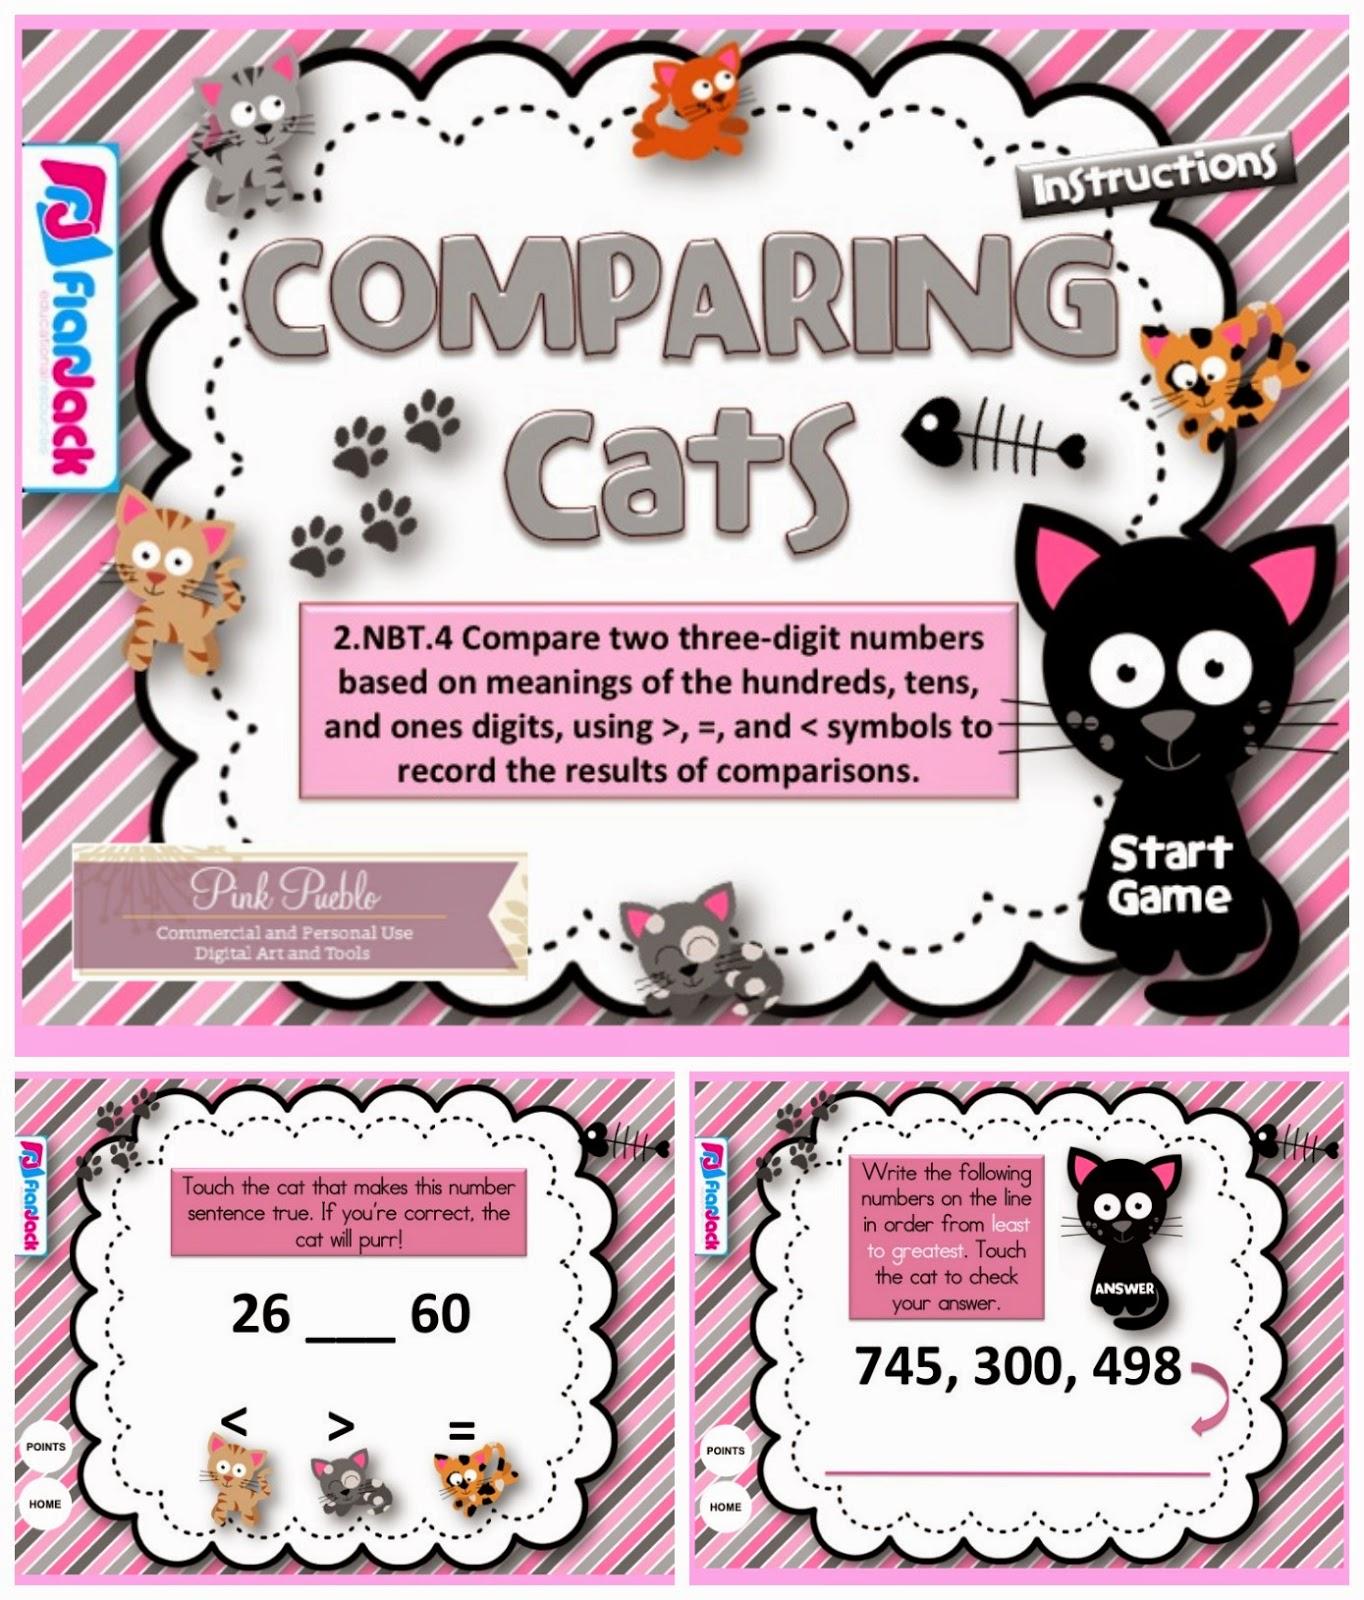 http://www.teacherspayteachers.com/Product/Comparing-Cats-Smart-Board-Game-CCSS2NBT4-1232724